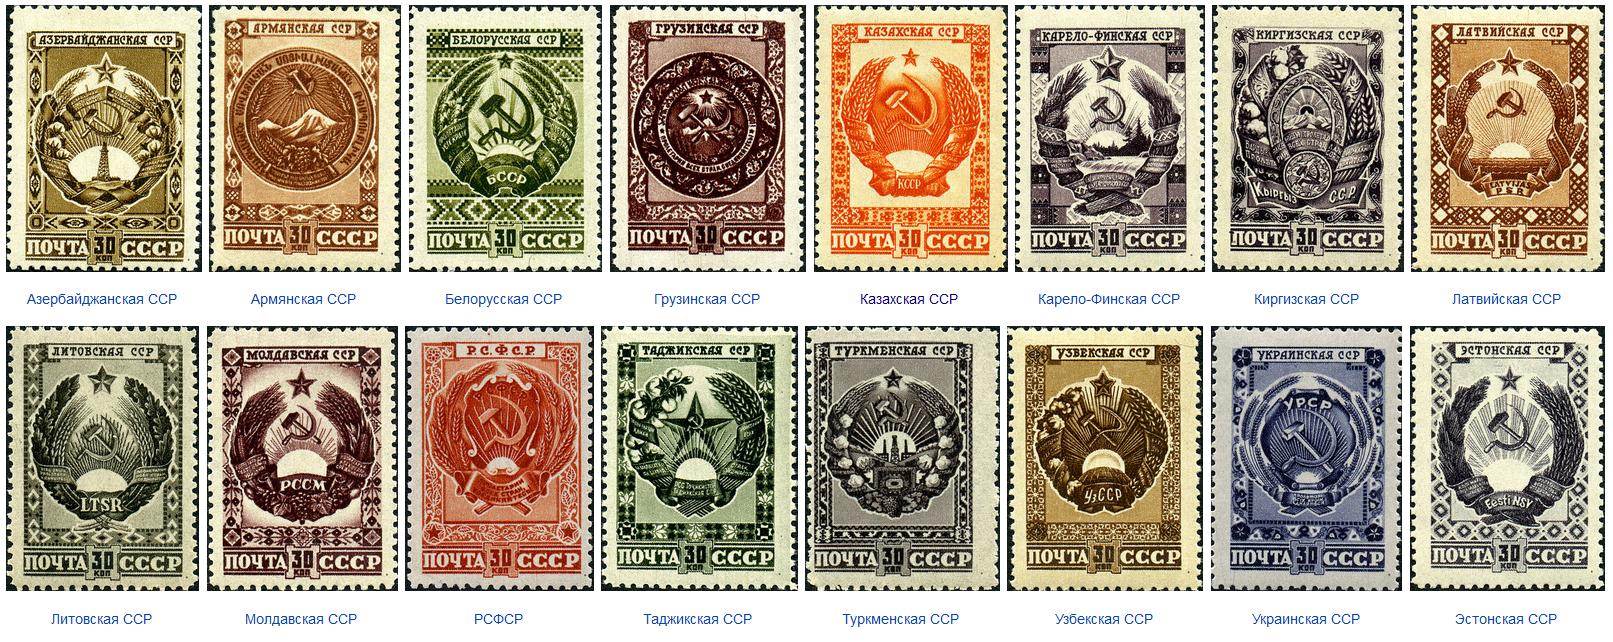 Poštne znamke z emblemi vseh sovjetskih republik